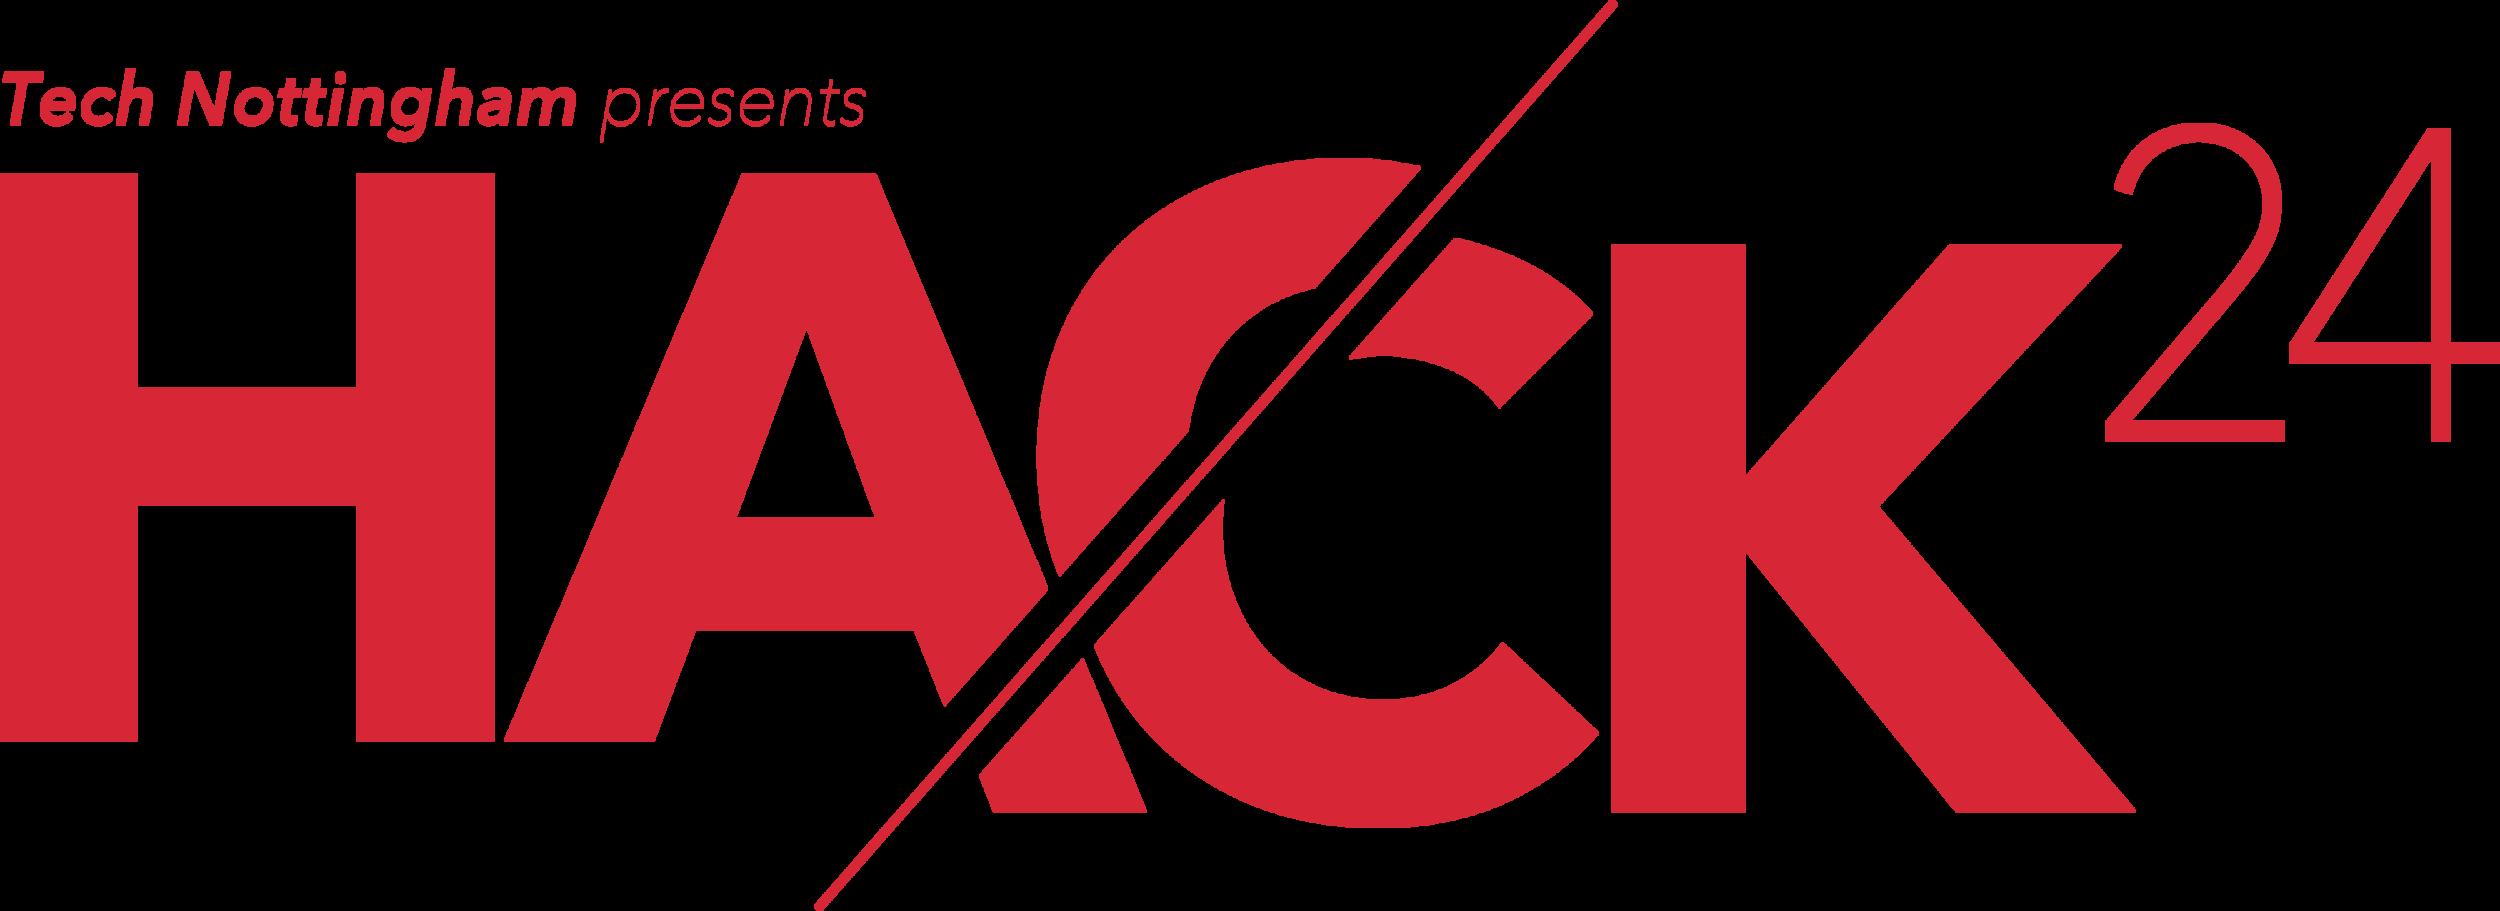 hack-24-logo-red-massive.png